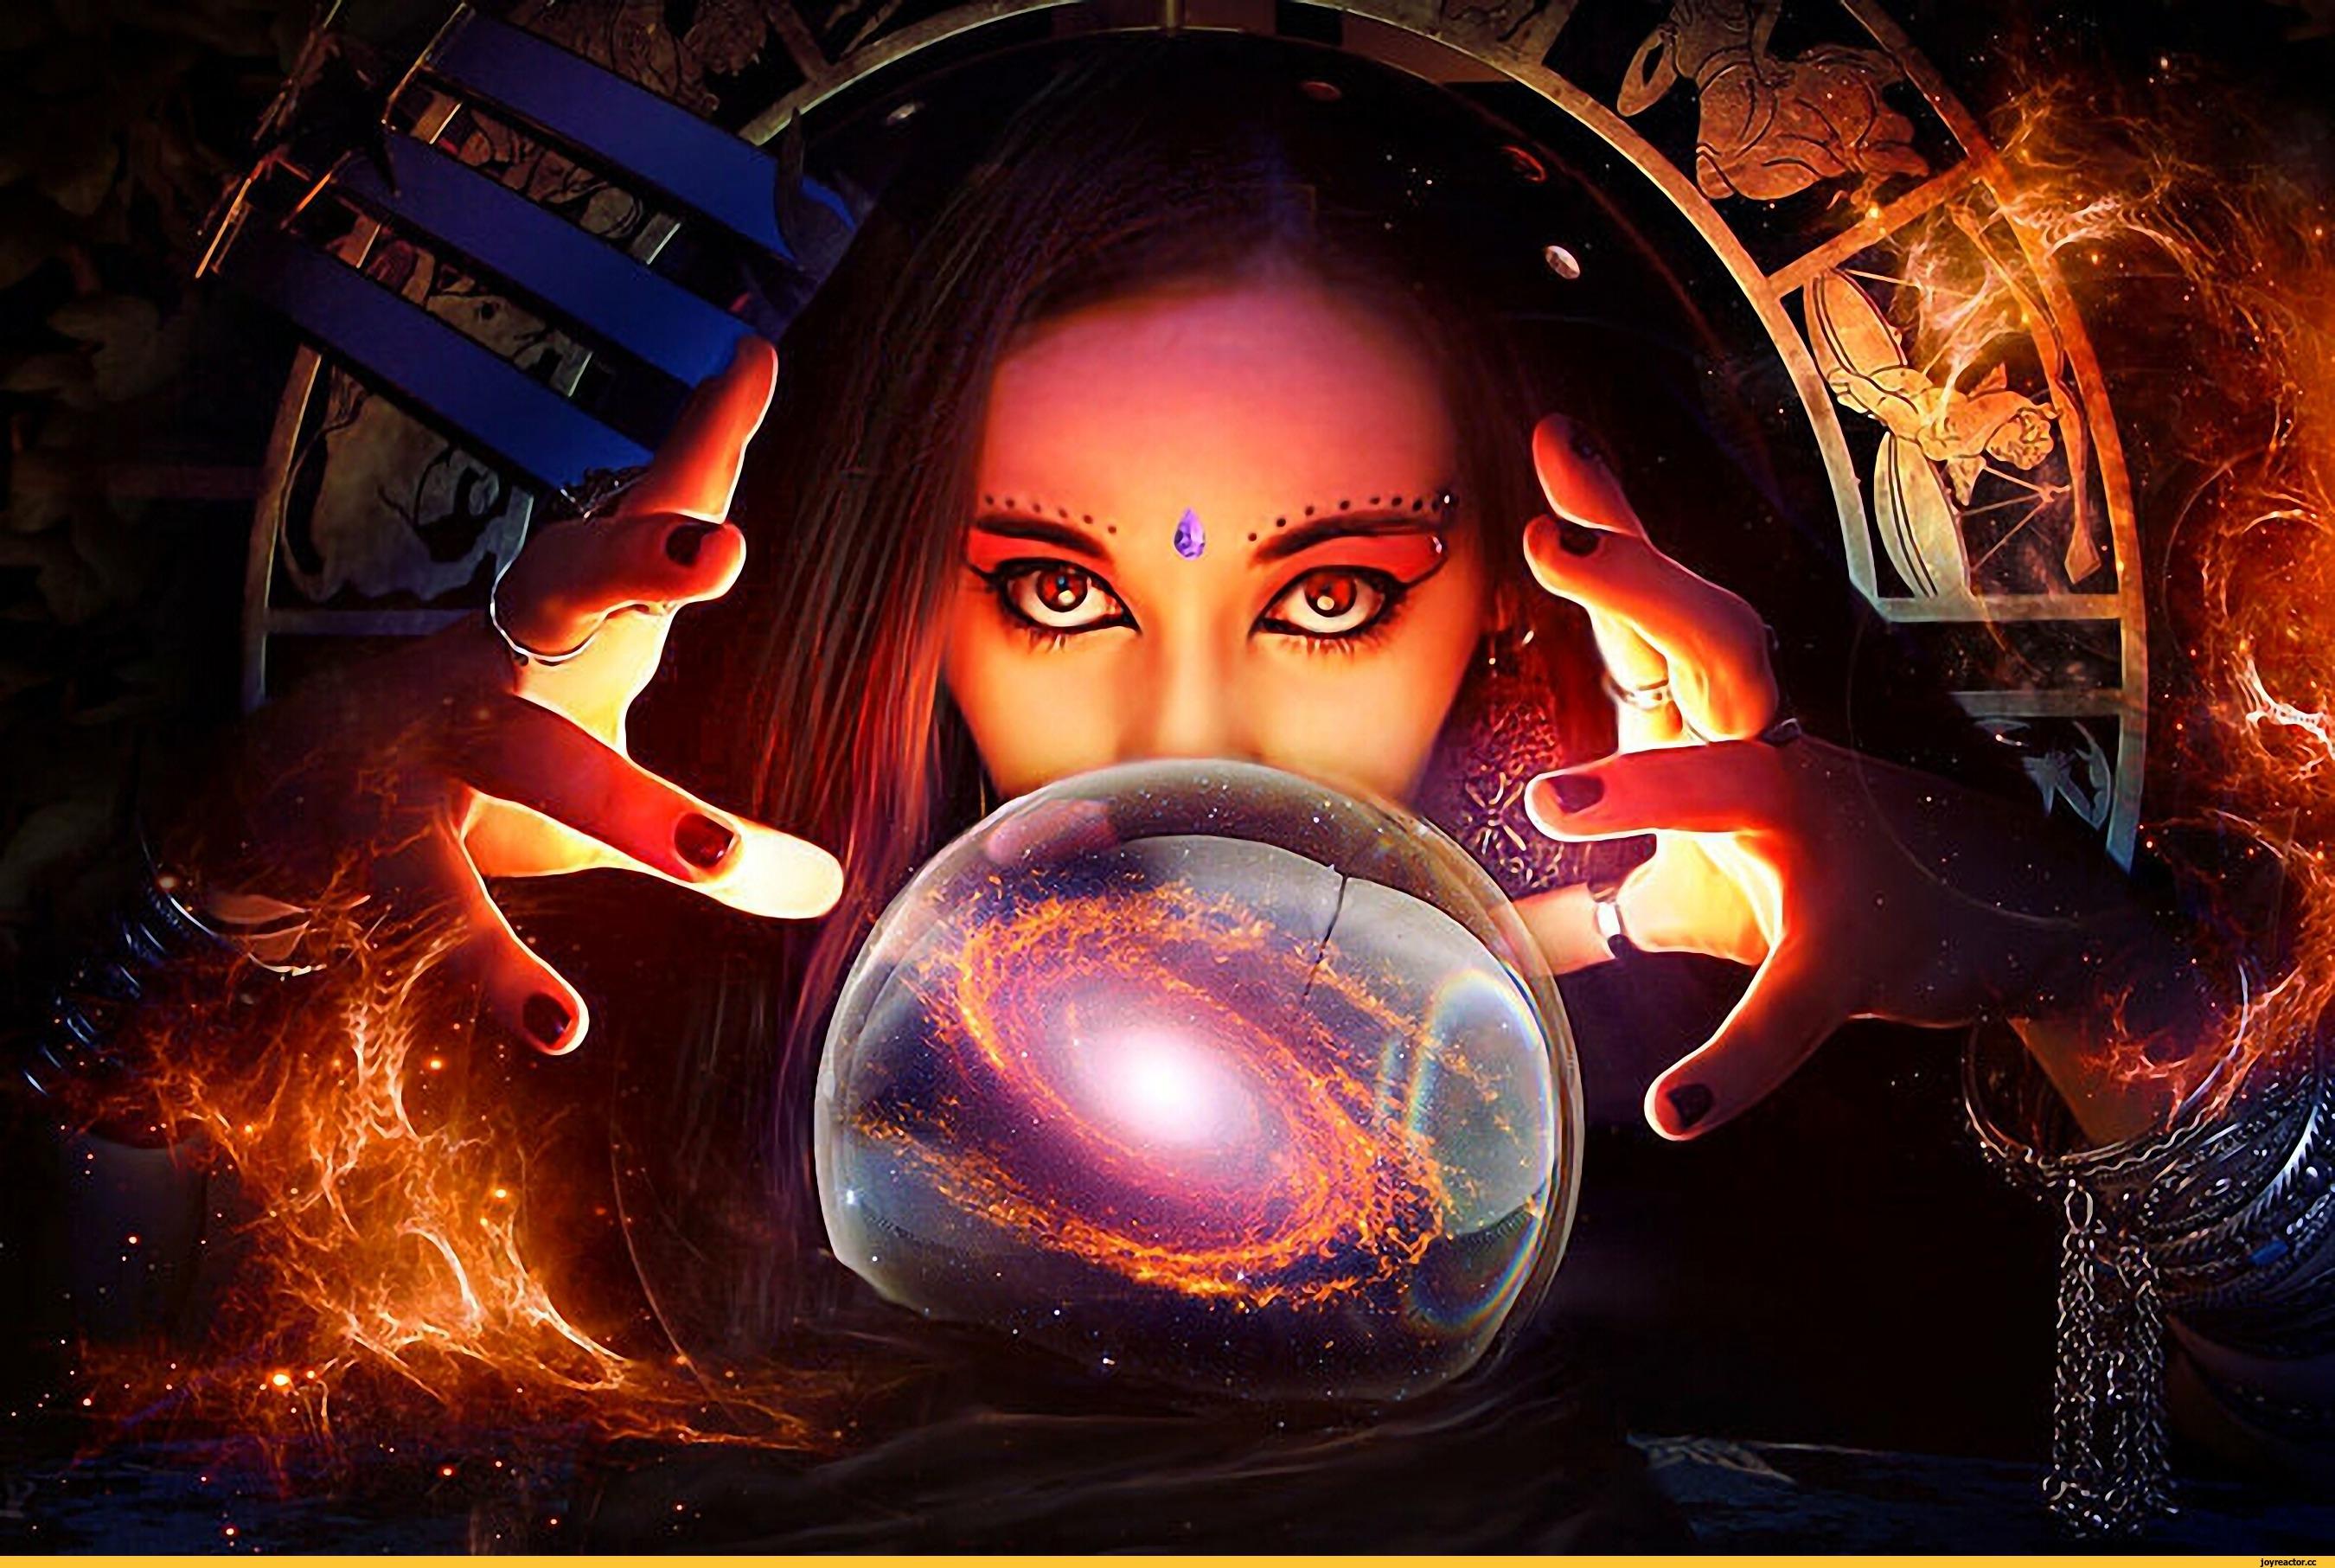 Волшебный шар восьмёрка — помощник в принятии решений, доступный шар 8 онлайн